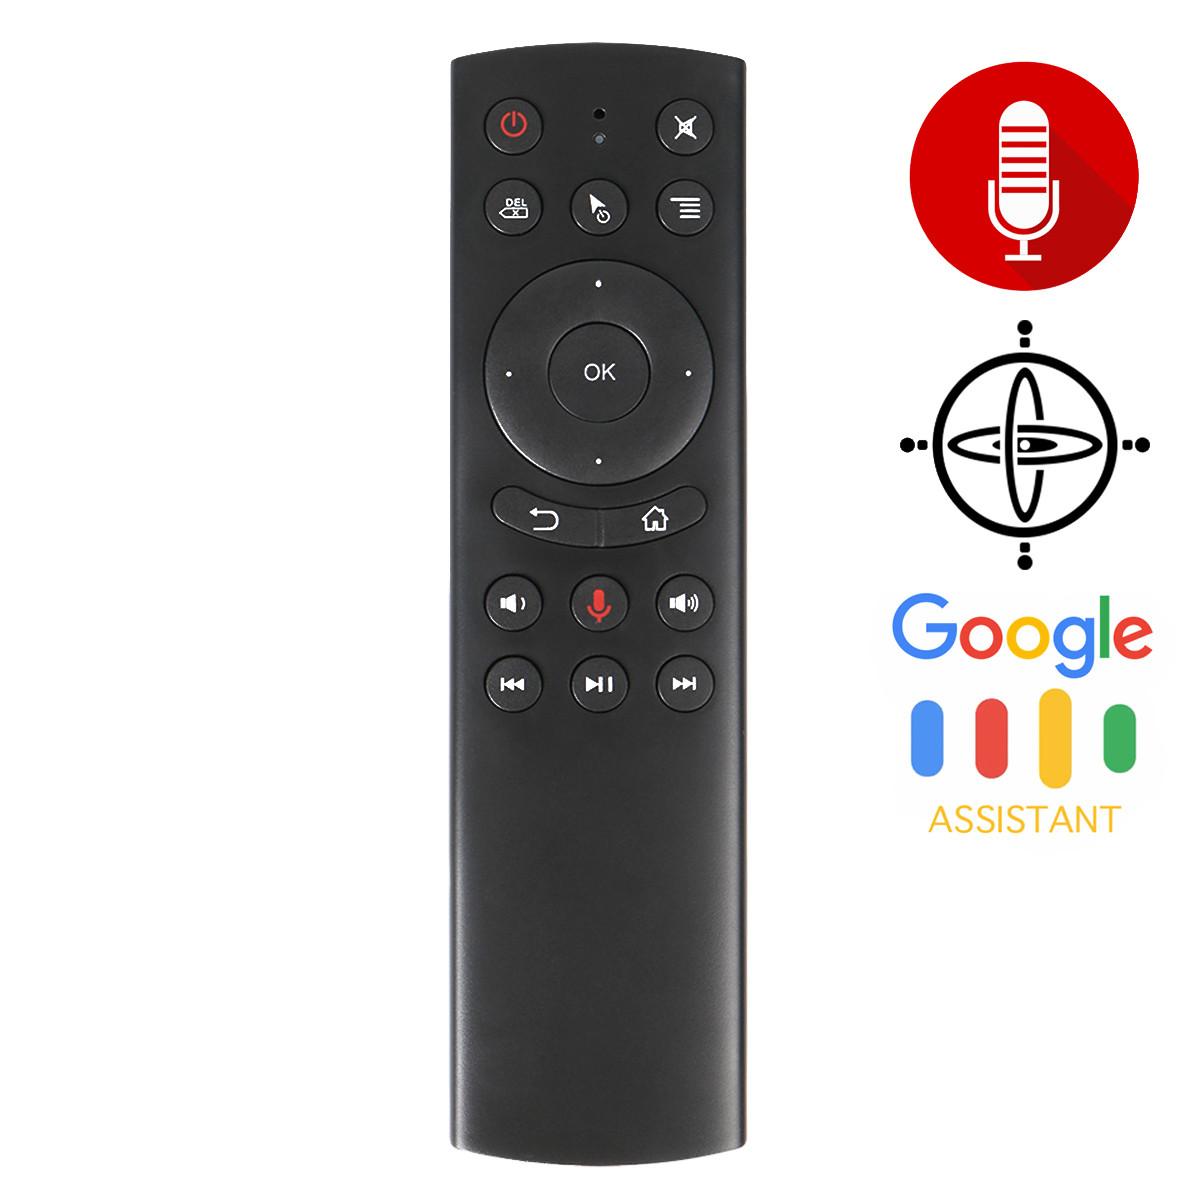 Пульт Air SKY (G20S) с голосовым вводом Android